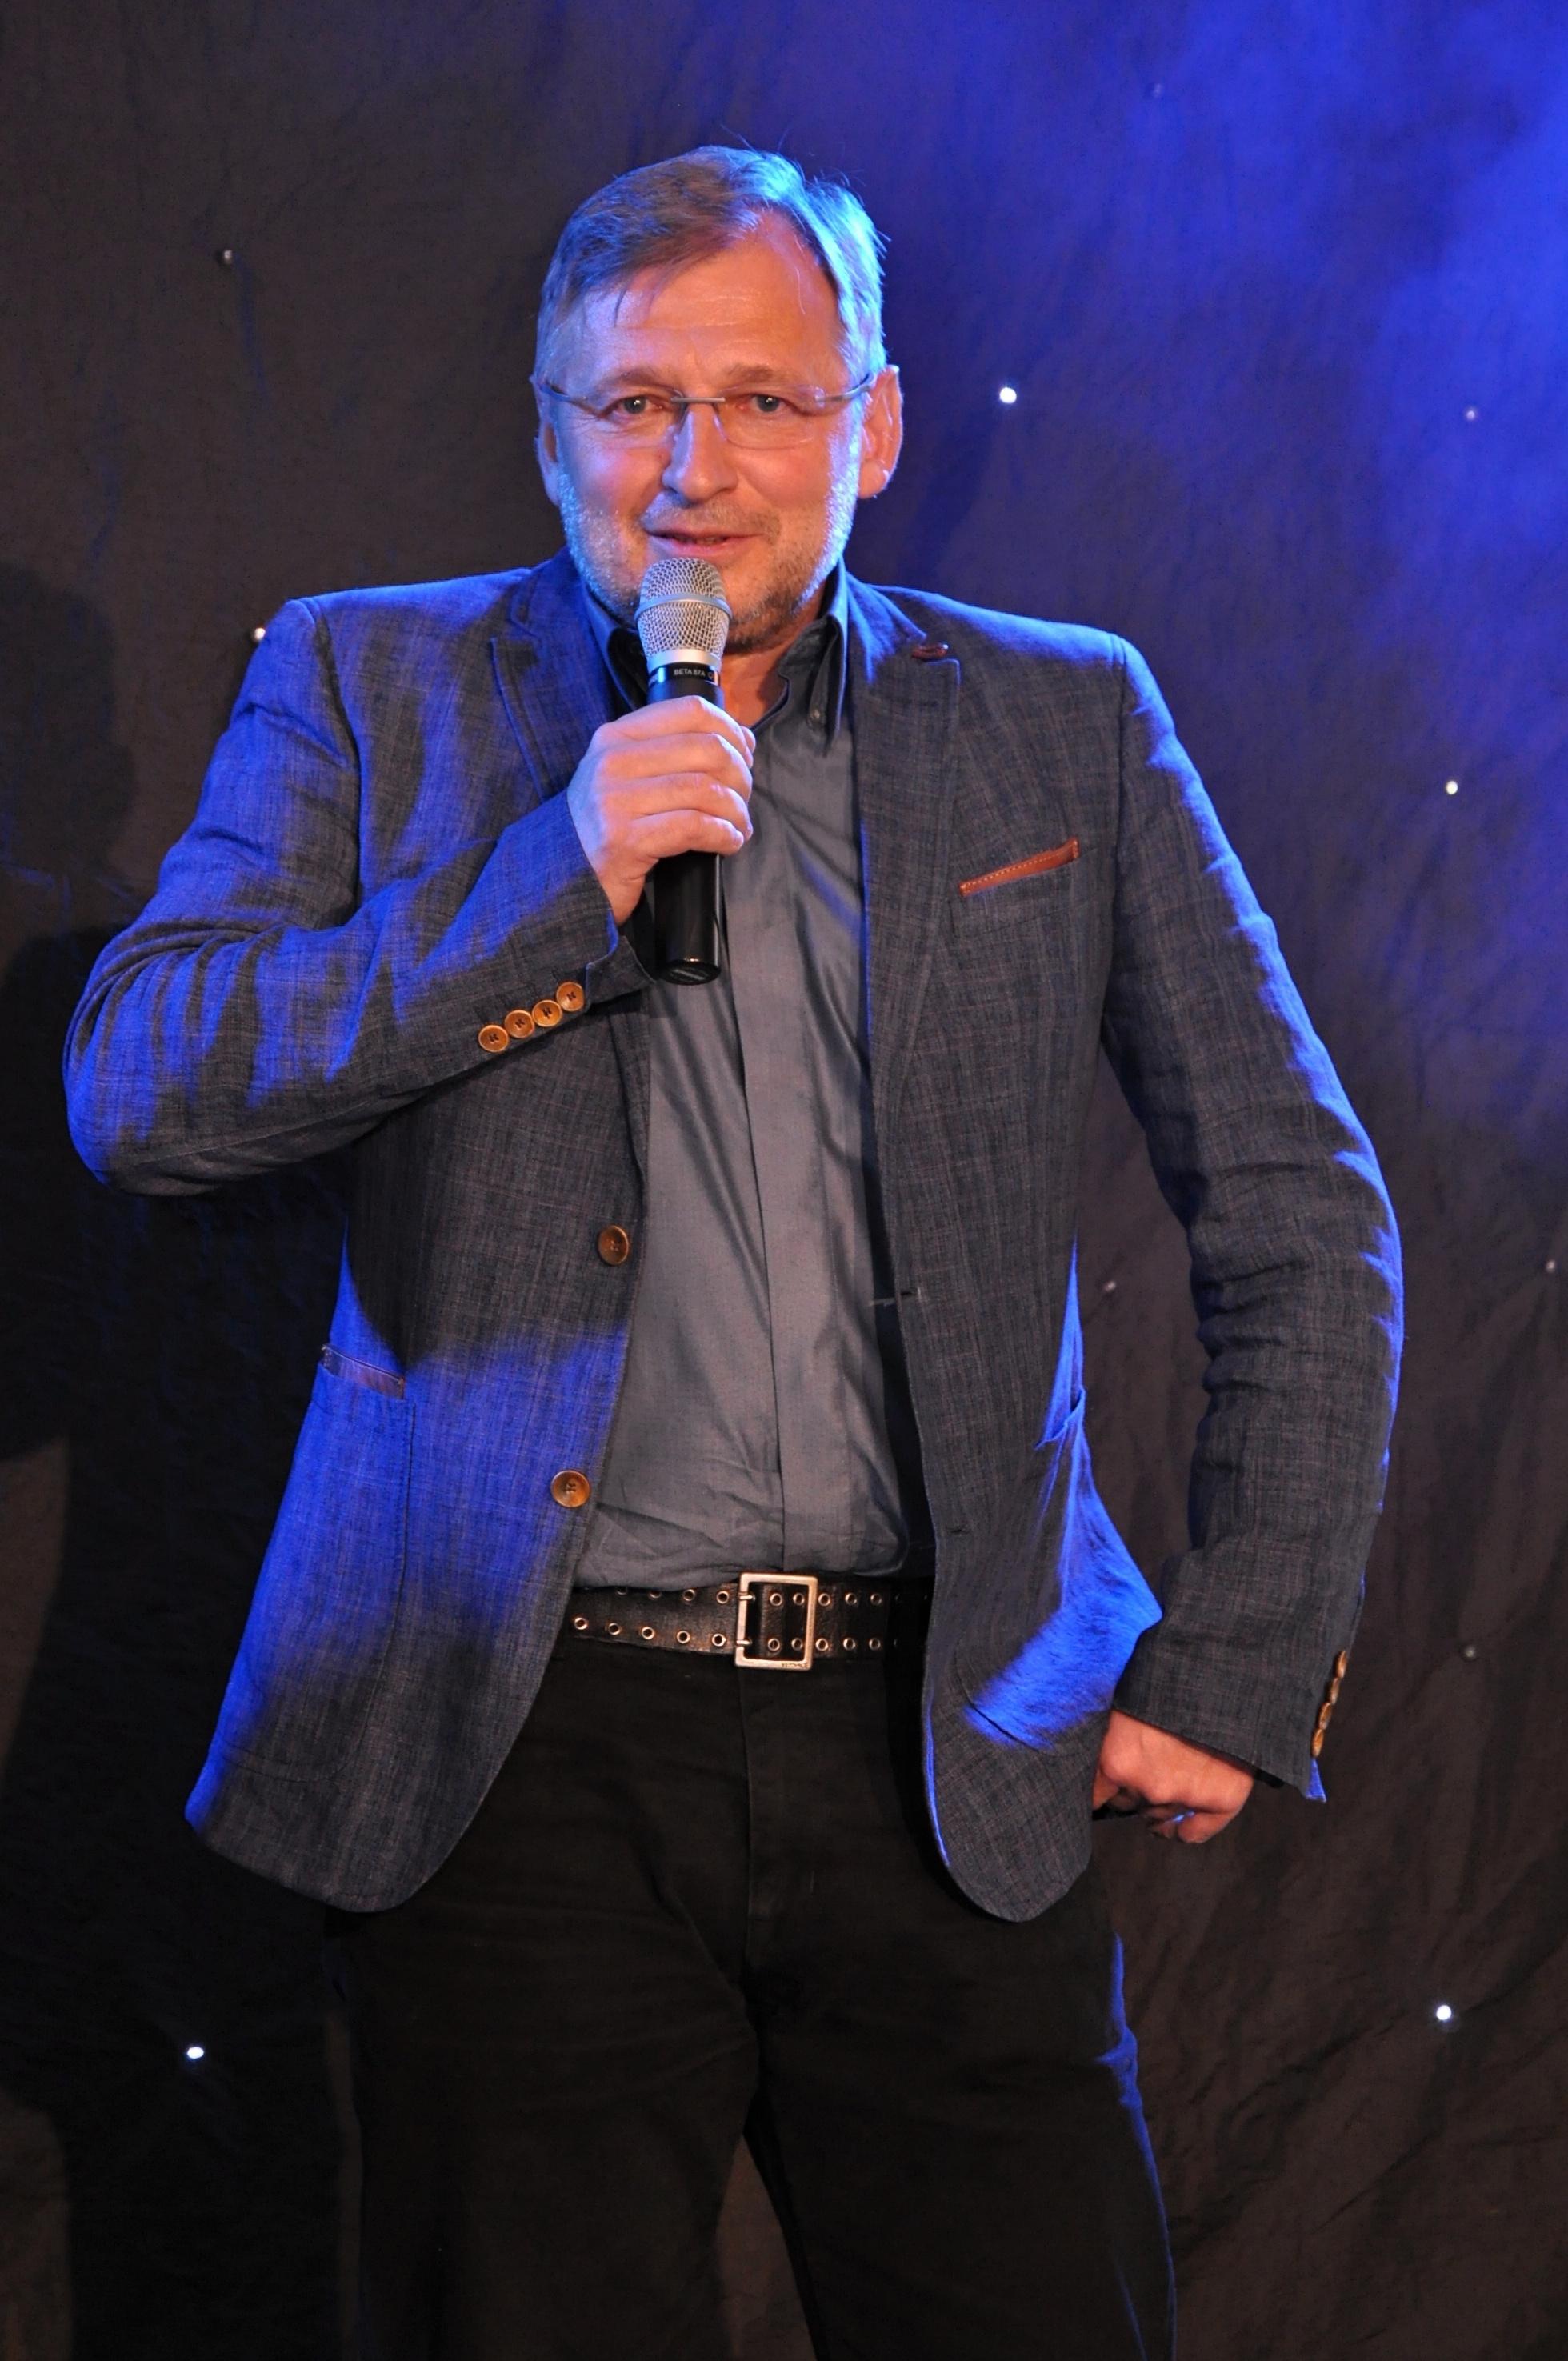 Petr_Průša_Photo095